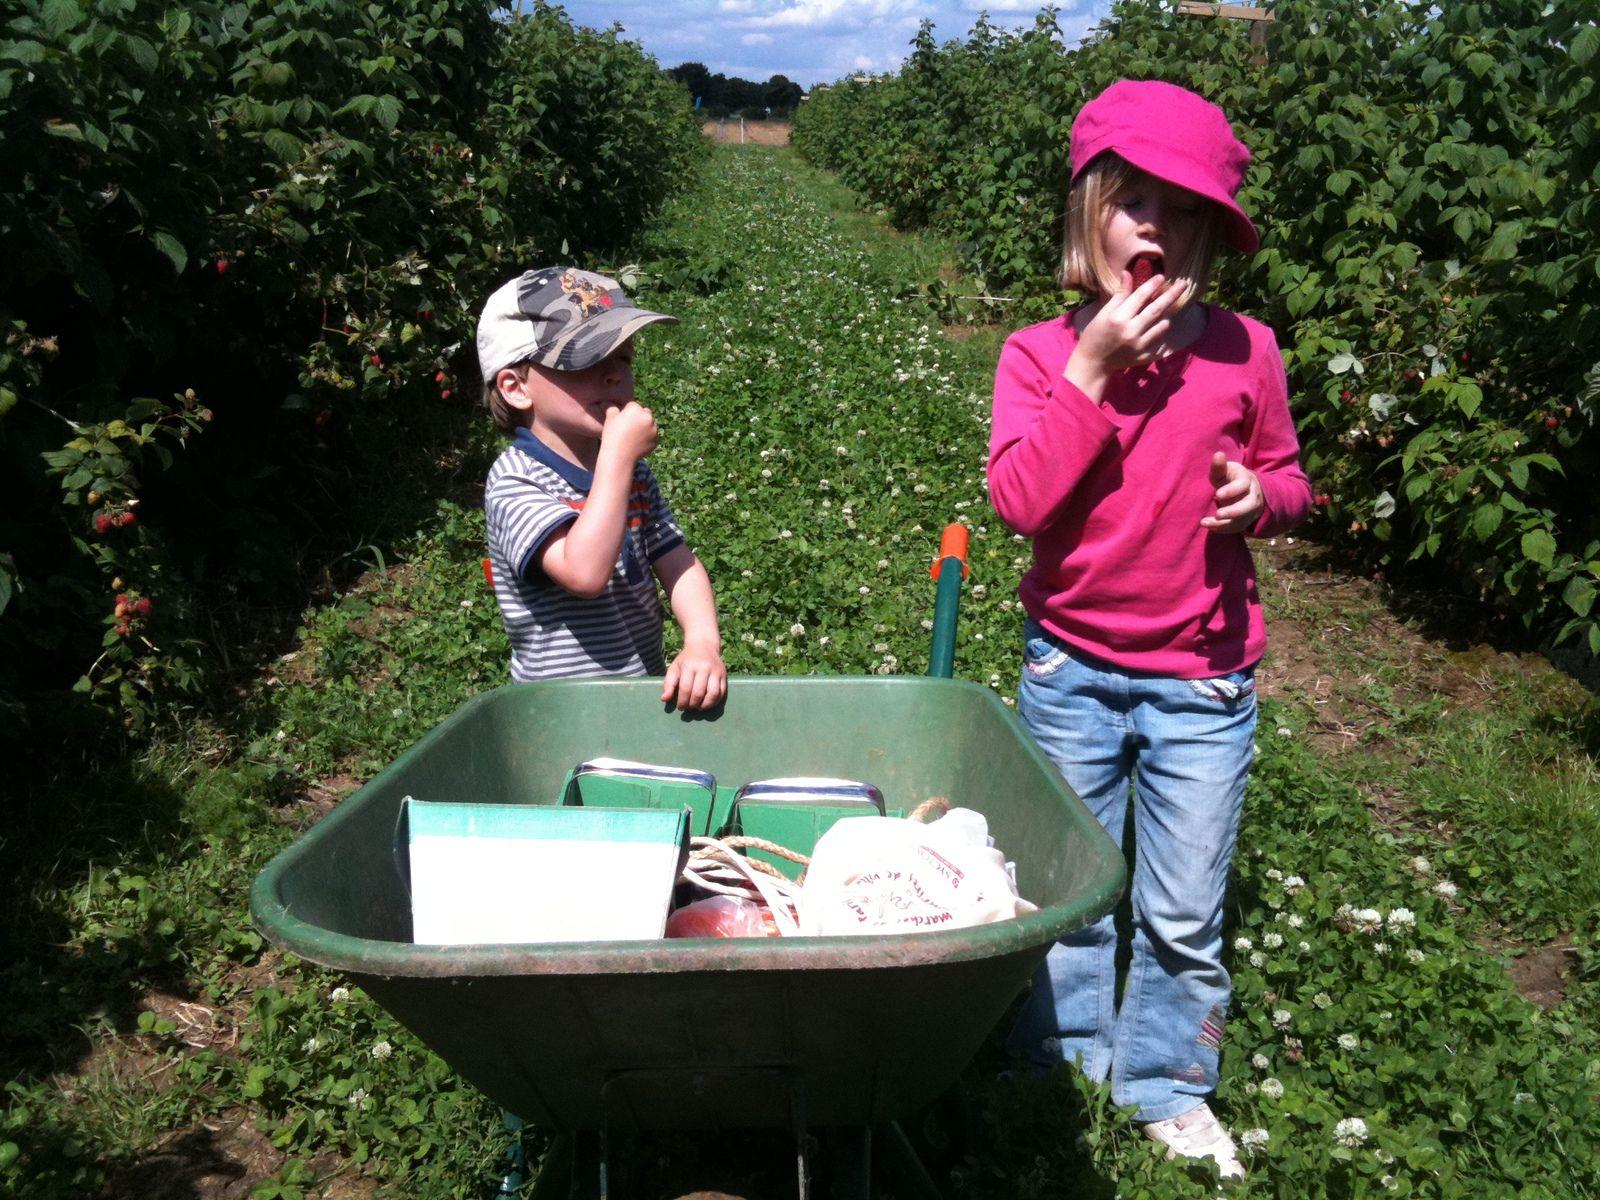 J'ai un super souvenir de la première fois où je suis allée à cette ferme cueillette, en juillet 2012, avec mes enfants qui étaient alors encore petits !